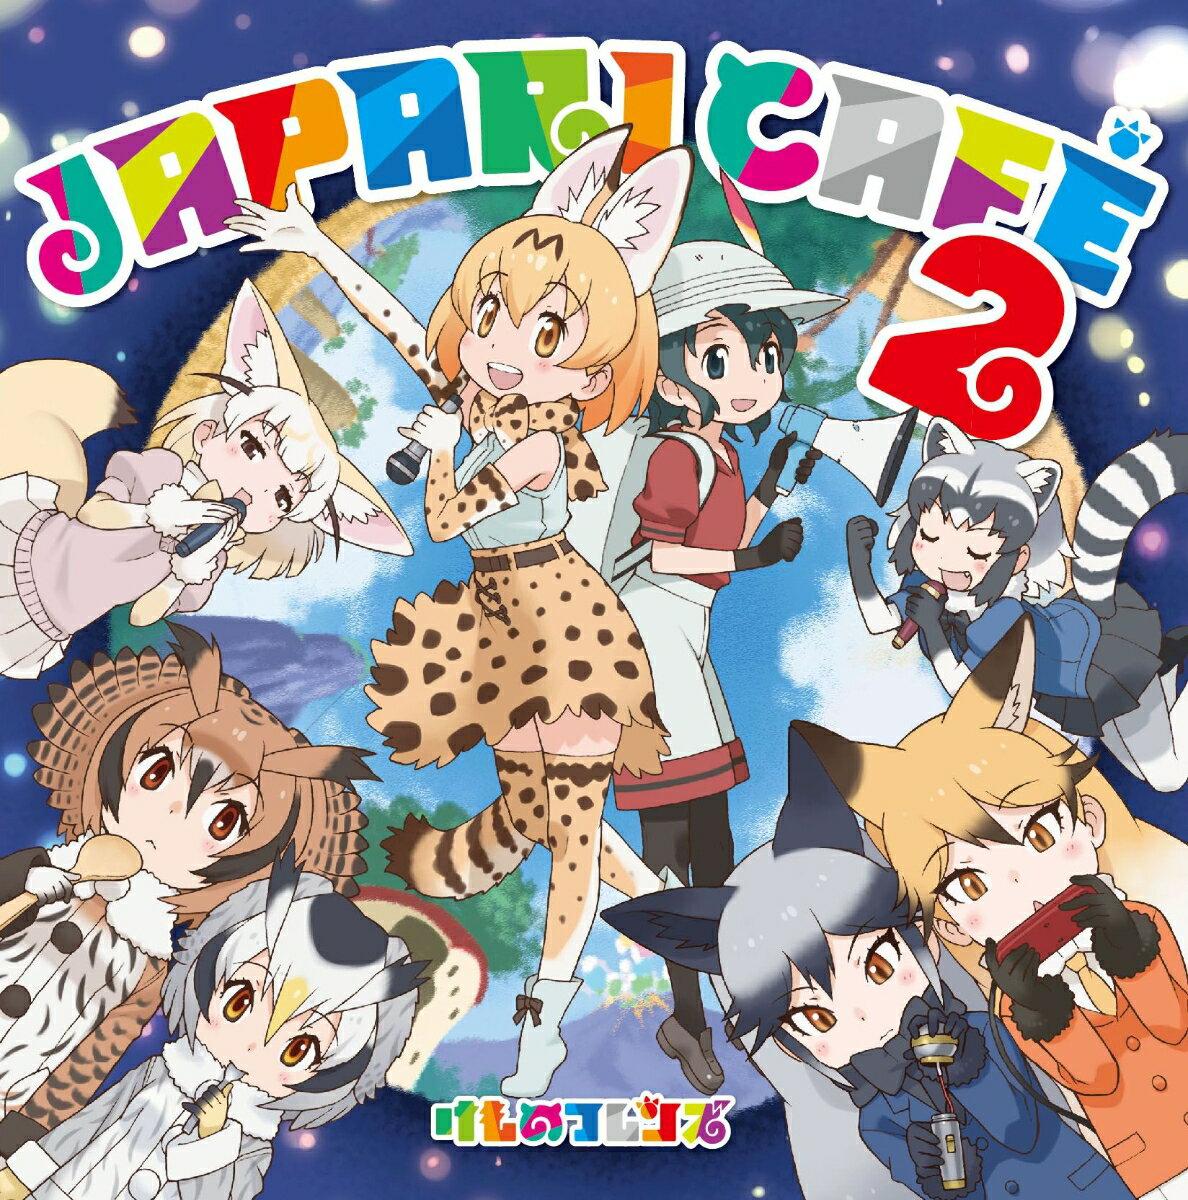 【楽天ブックス限定先着特典】TVアニメ『けものフレンズ』キャラクターソングアルバム「Japari Cafe'2」 (缶バッジ付き) [ けものフレンズ ]